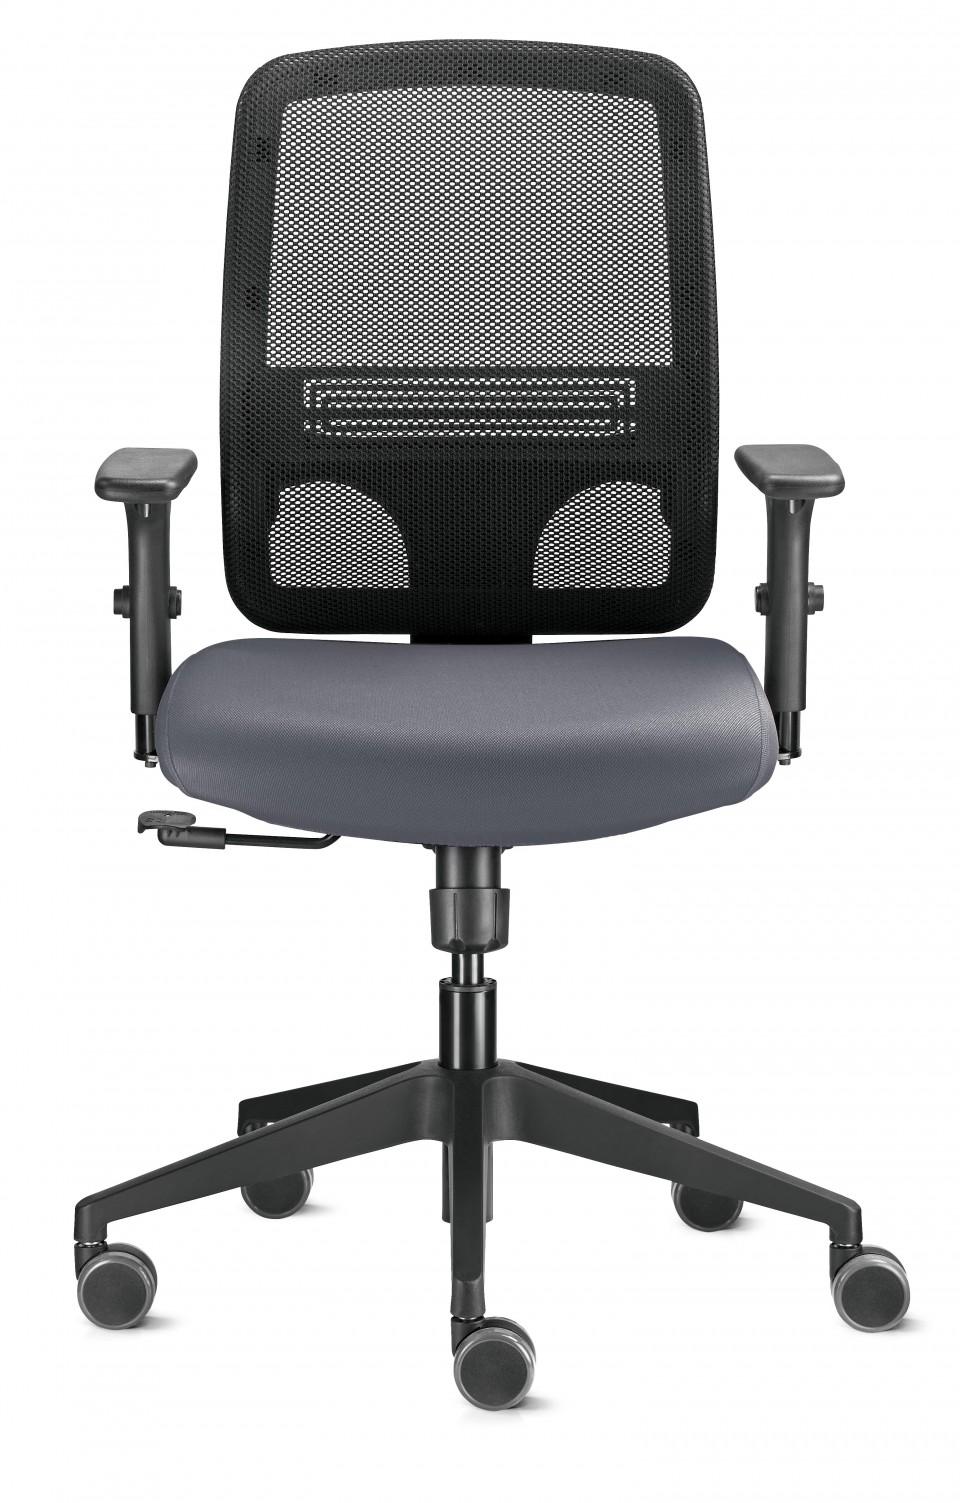 fauteuil de bureau ergonomique synchro achat si ges de. Black Bedroom Furniture Sets. Home Design Ideas